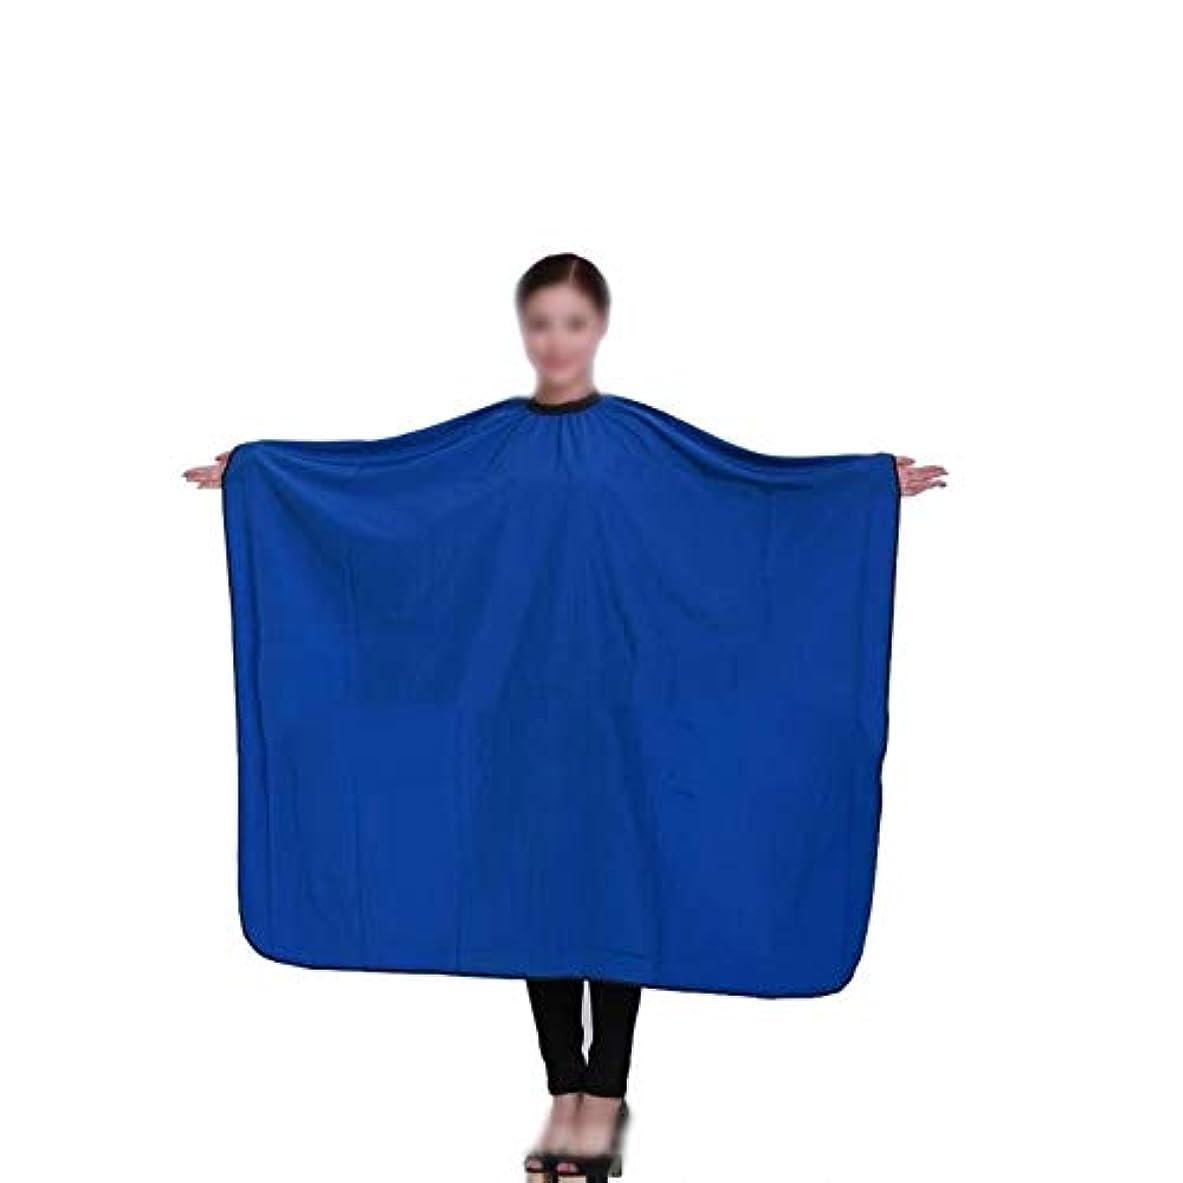 抑圧慣習奇妙なLucy Day サロンヘアカットエプロンヘアカット防水布ブルースタイリングケープサロン布